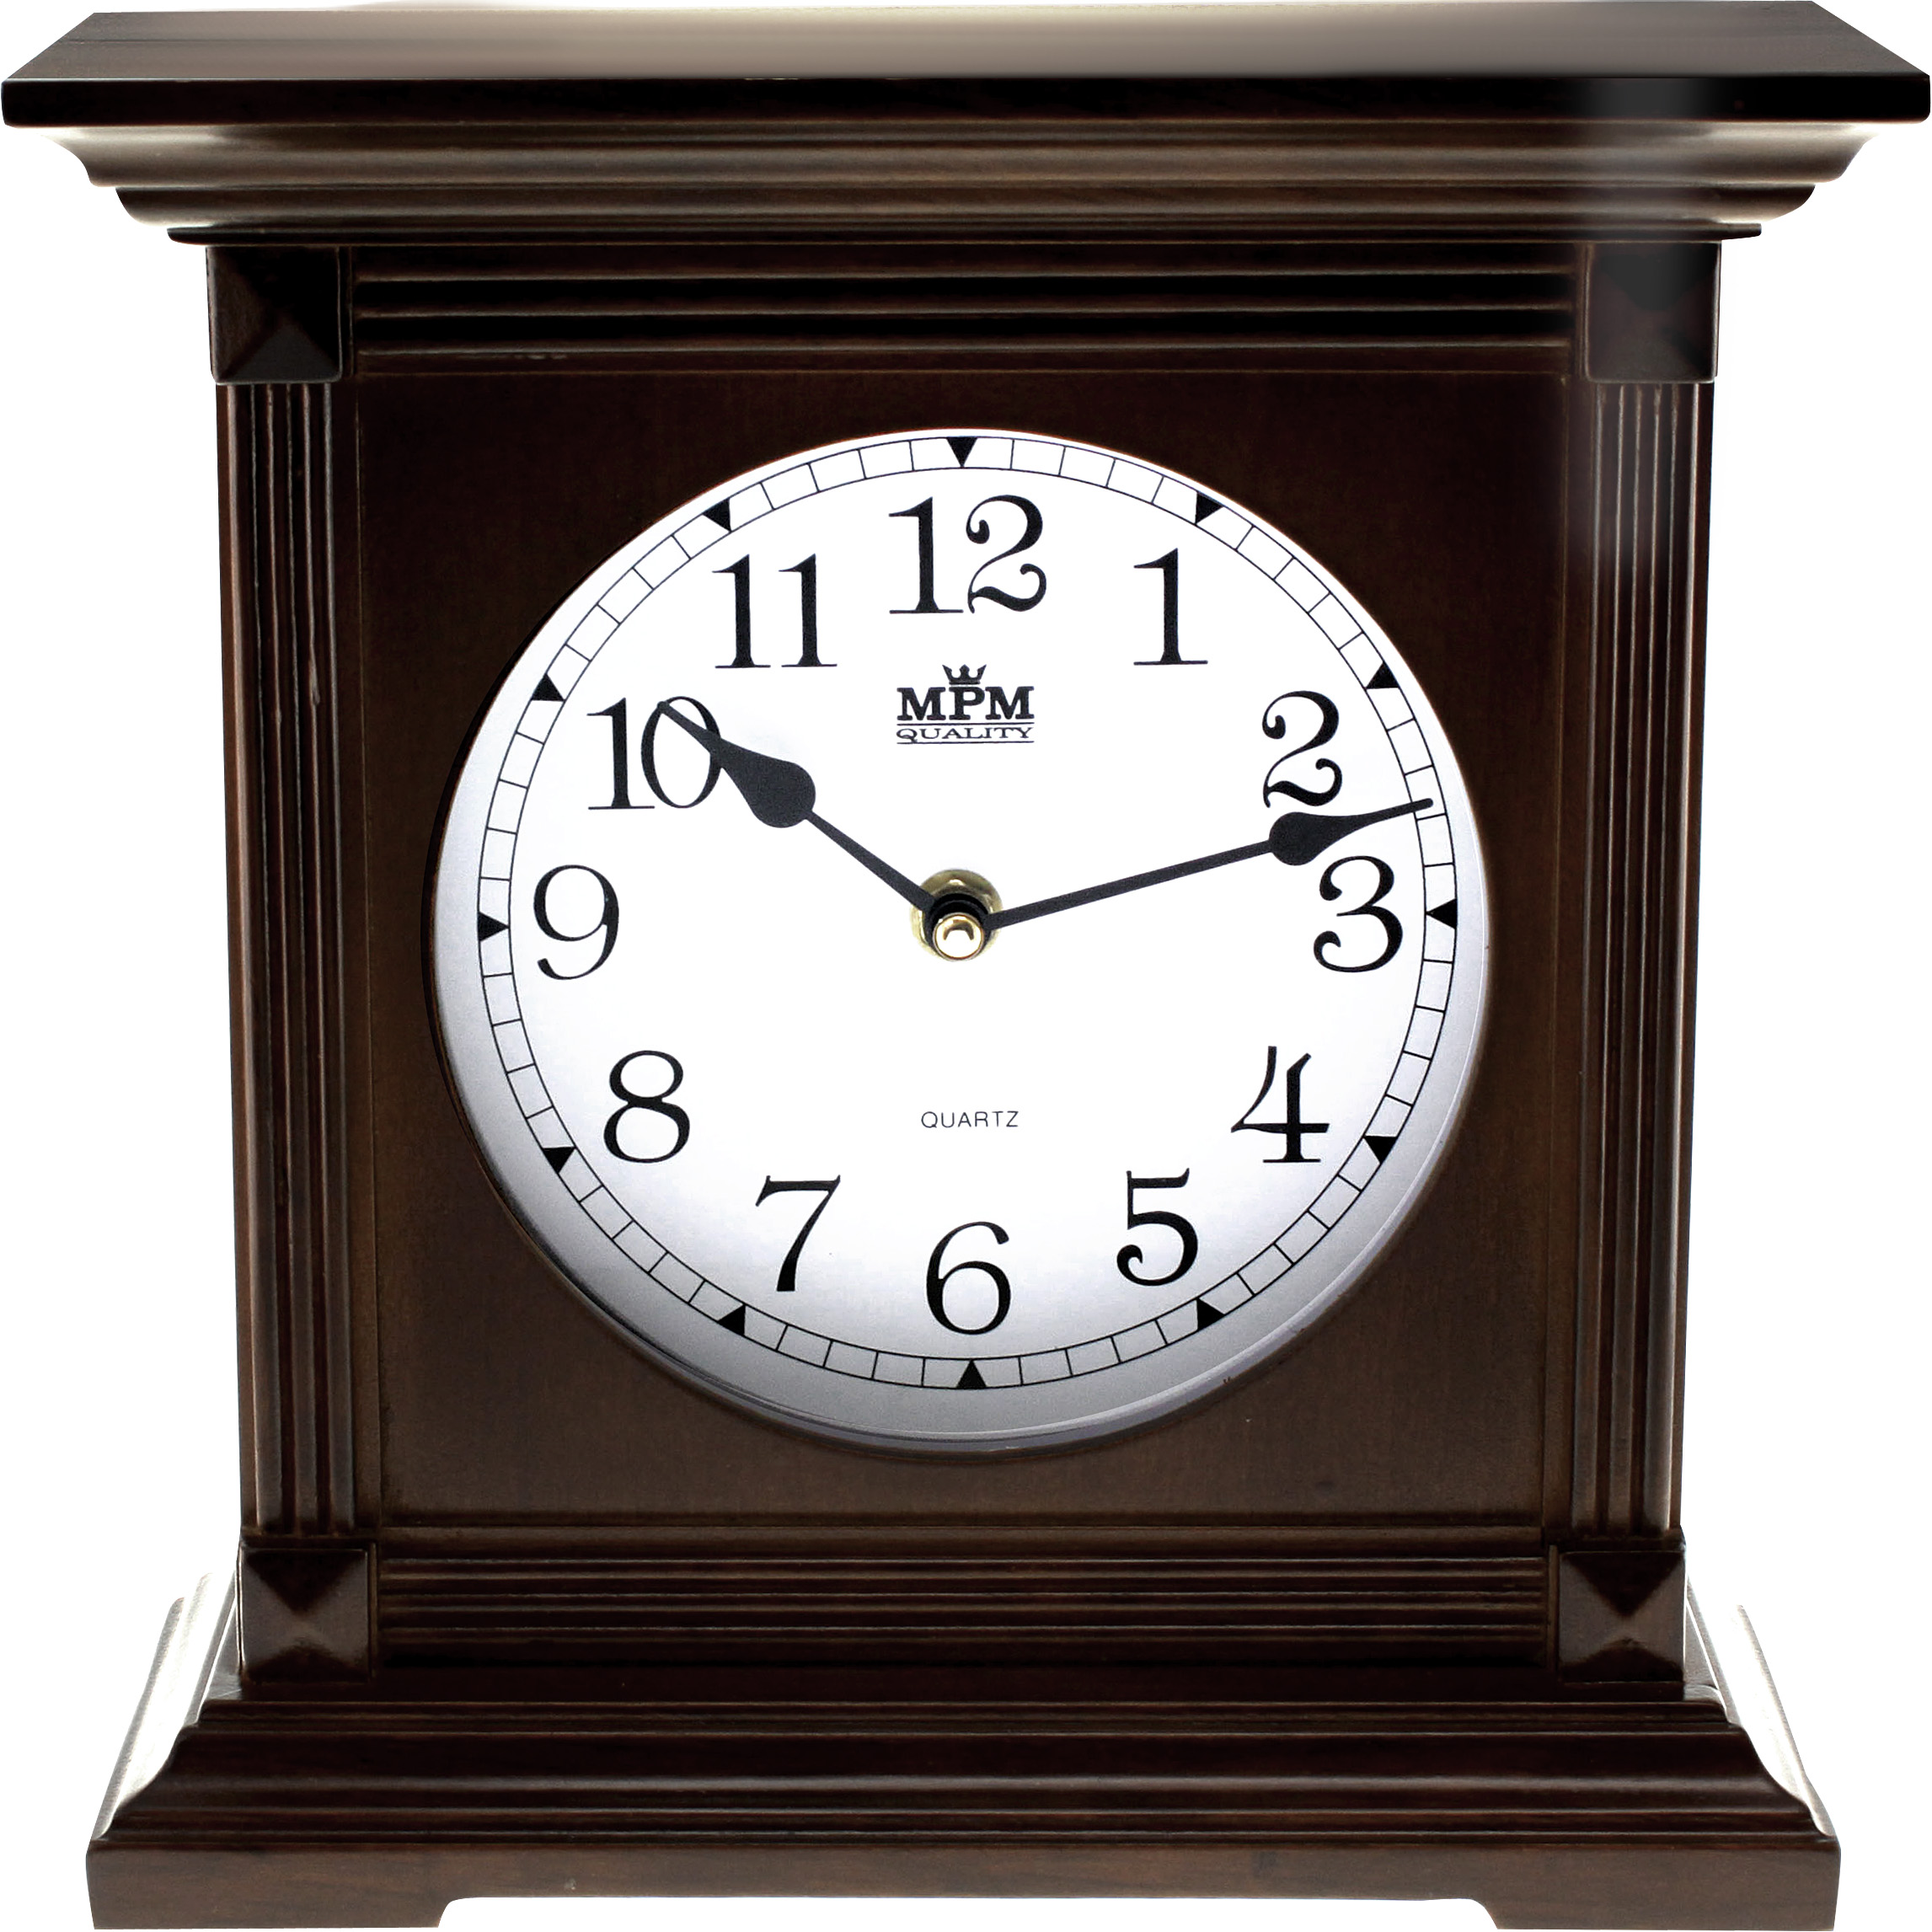 Dřevěné stolní hodiny MPM E03.2705.54 - tmavé dřevo (E03.2705.54 )